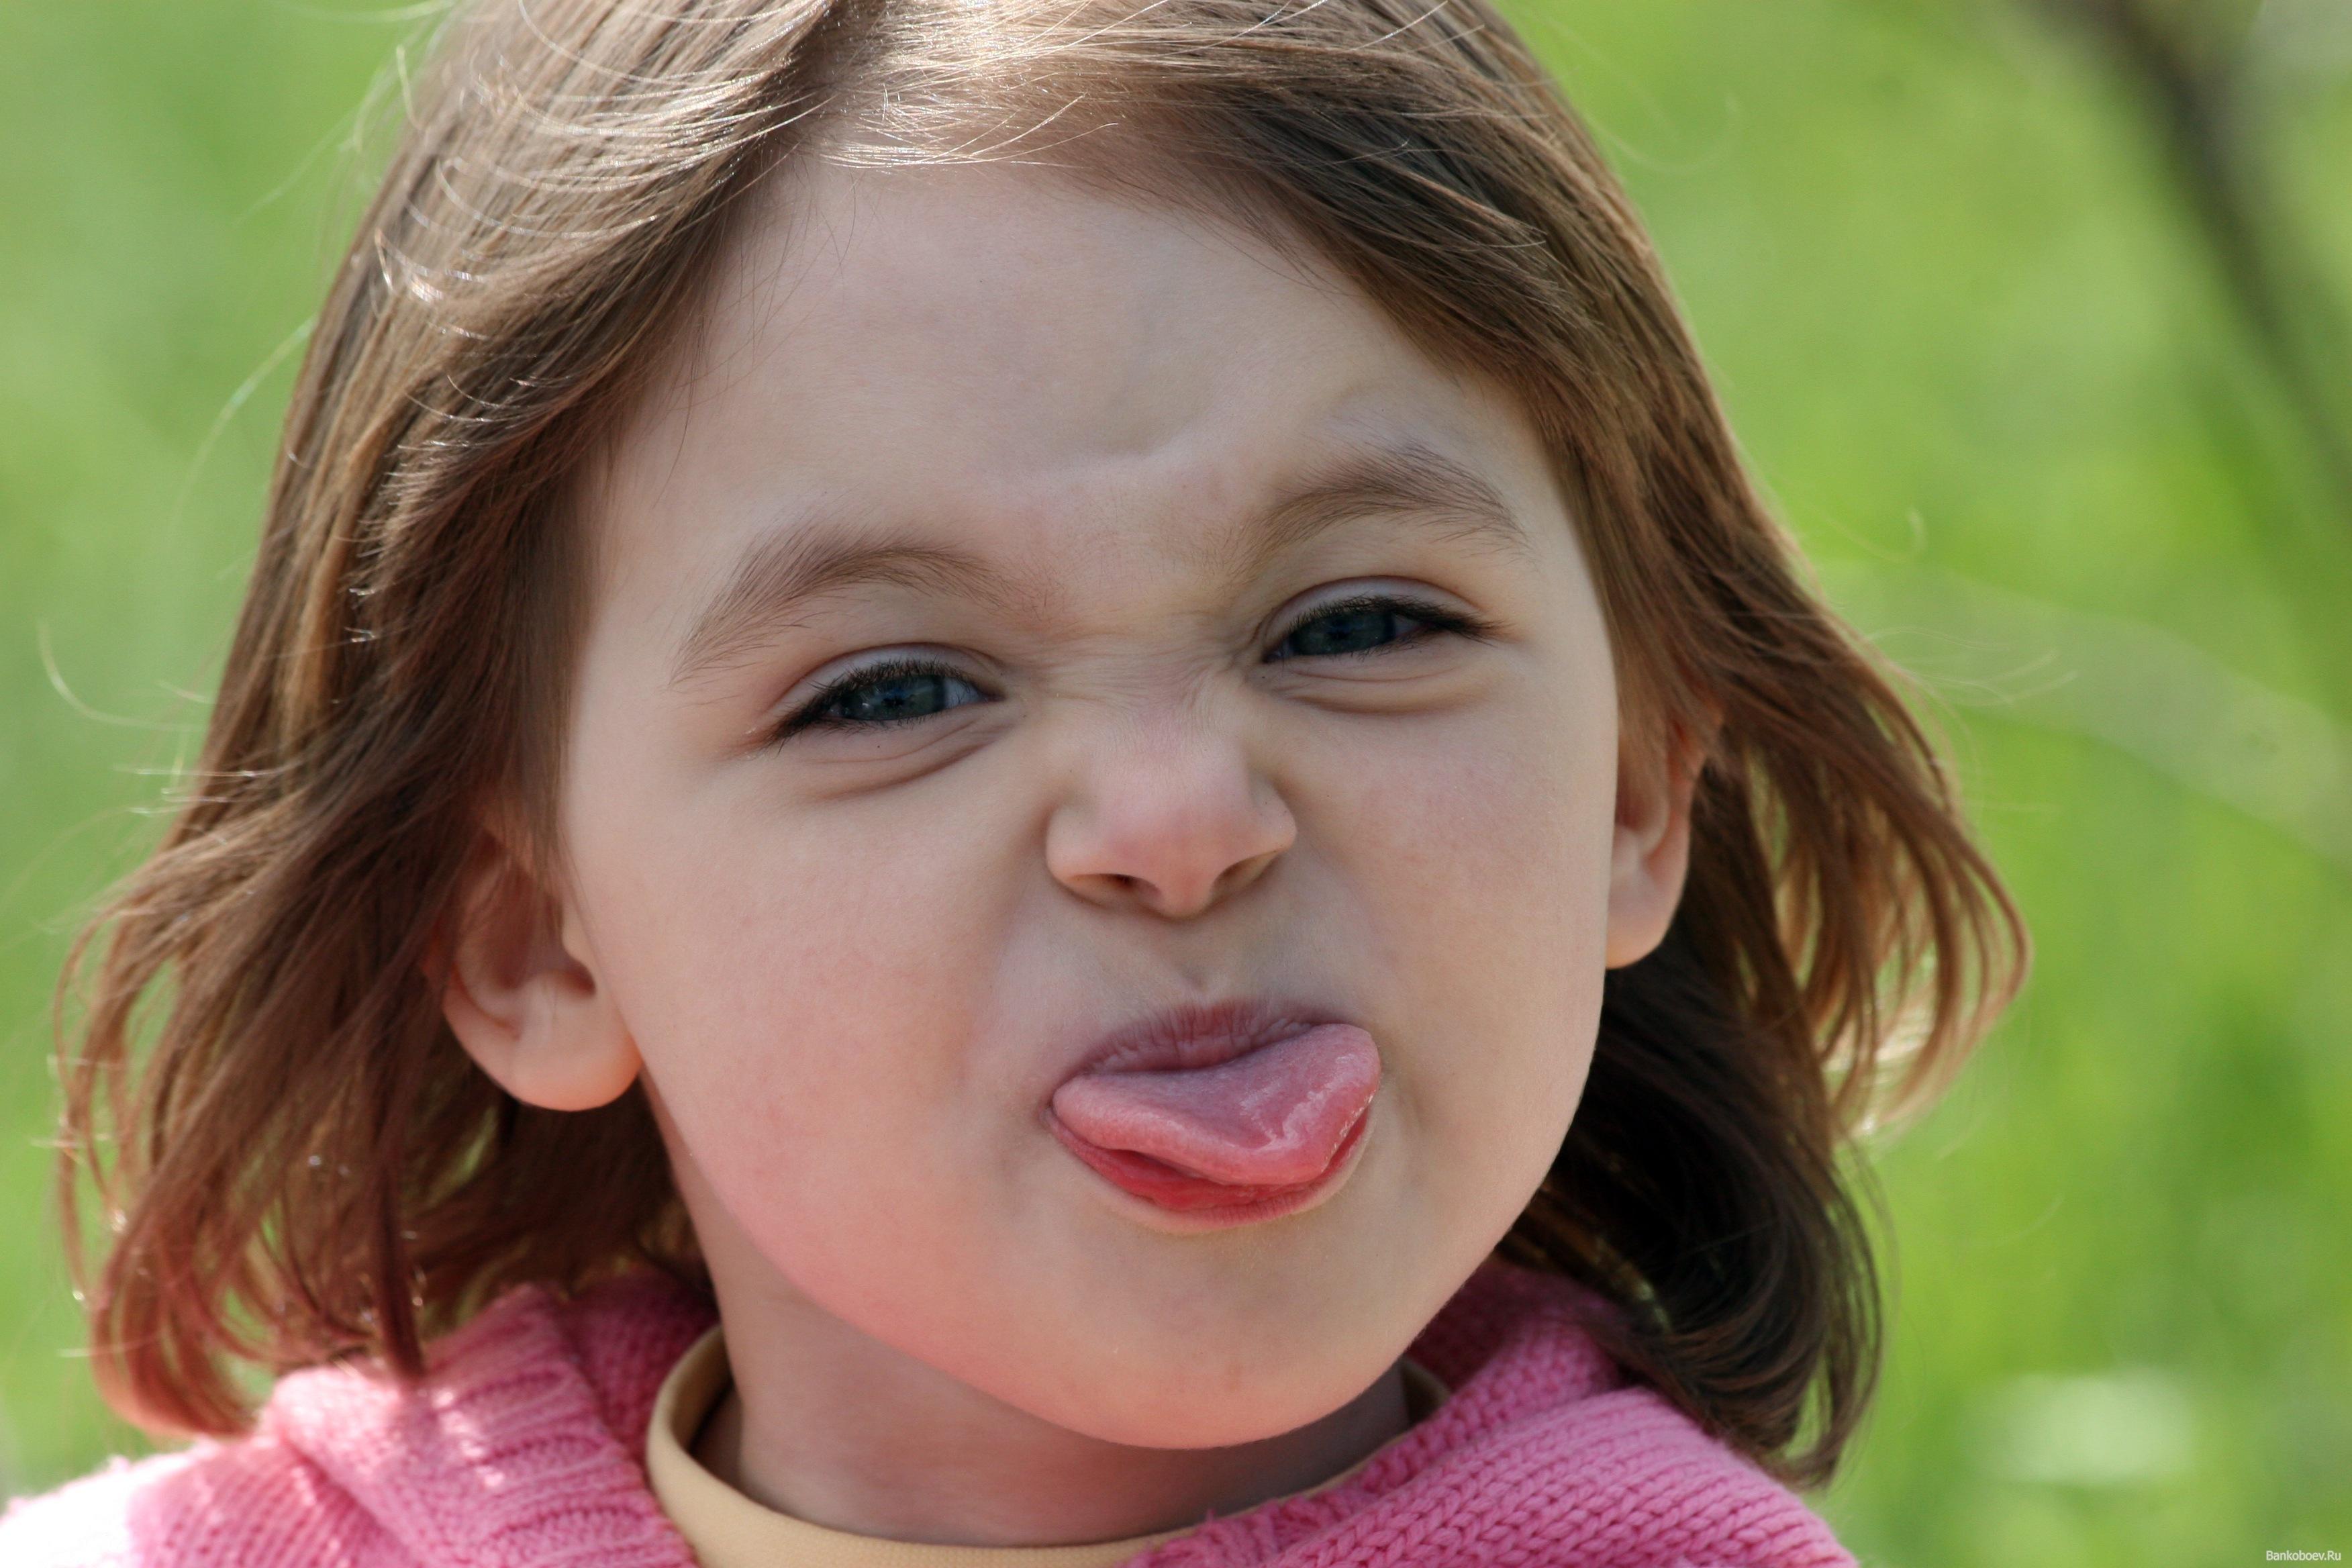 Фото ребёнка показывающего язык